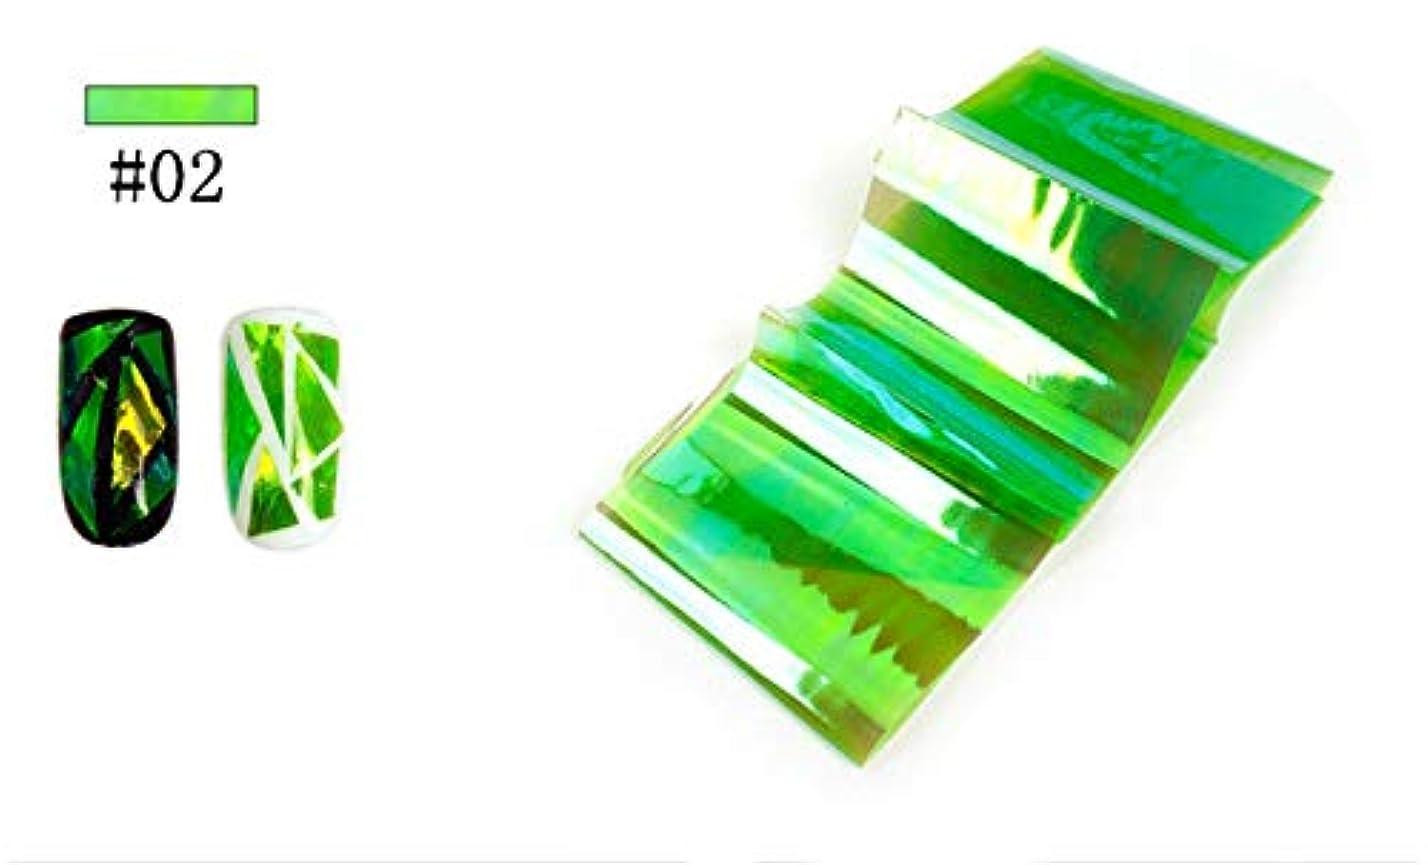 配る抗議不信SUKTI&XIAO ネイルステッカー 1ピース転送箔ステッカー壊れたガラスネイルアートネイル美容装飾ステンシルデカール、02